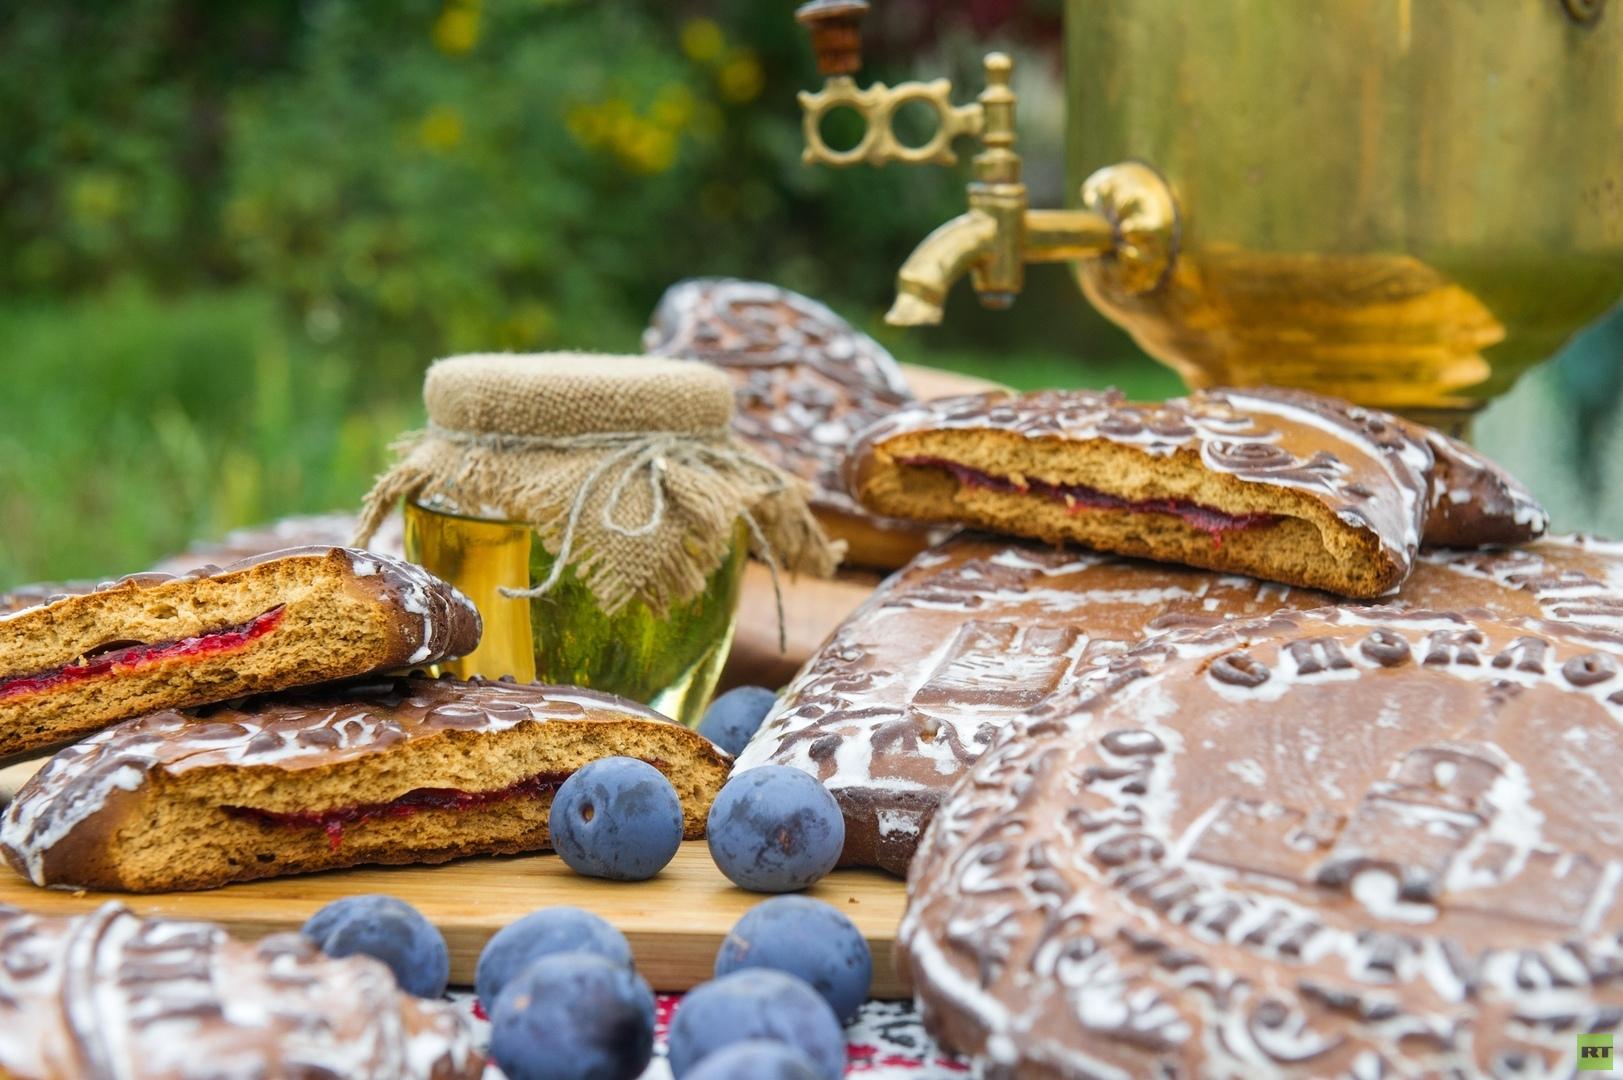 كعك الزنجبيل والسماور – رمزان تاريخيان لمدينة تولا الروسية